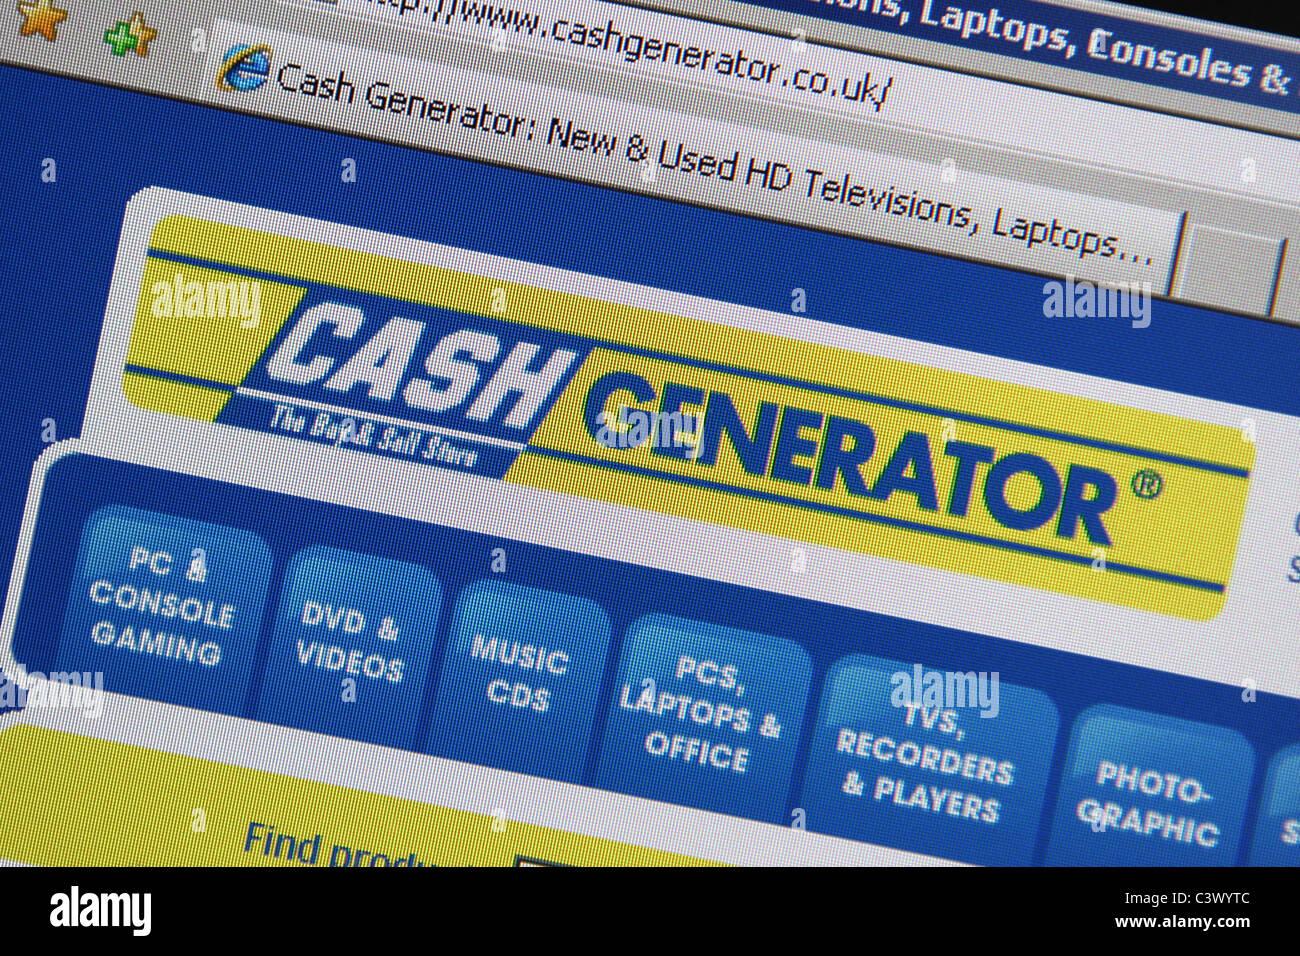 cashgenerator website screenshot Stock Photo